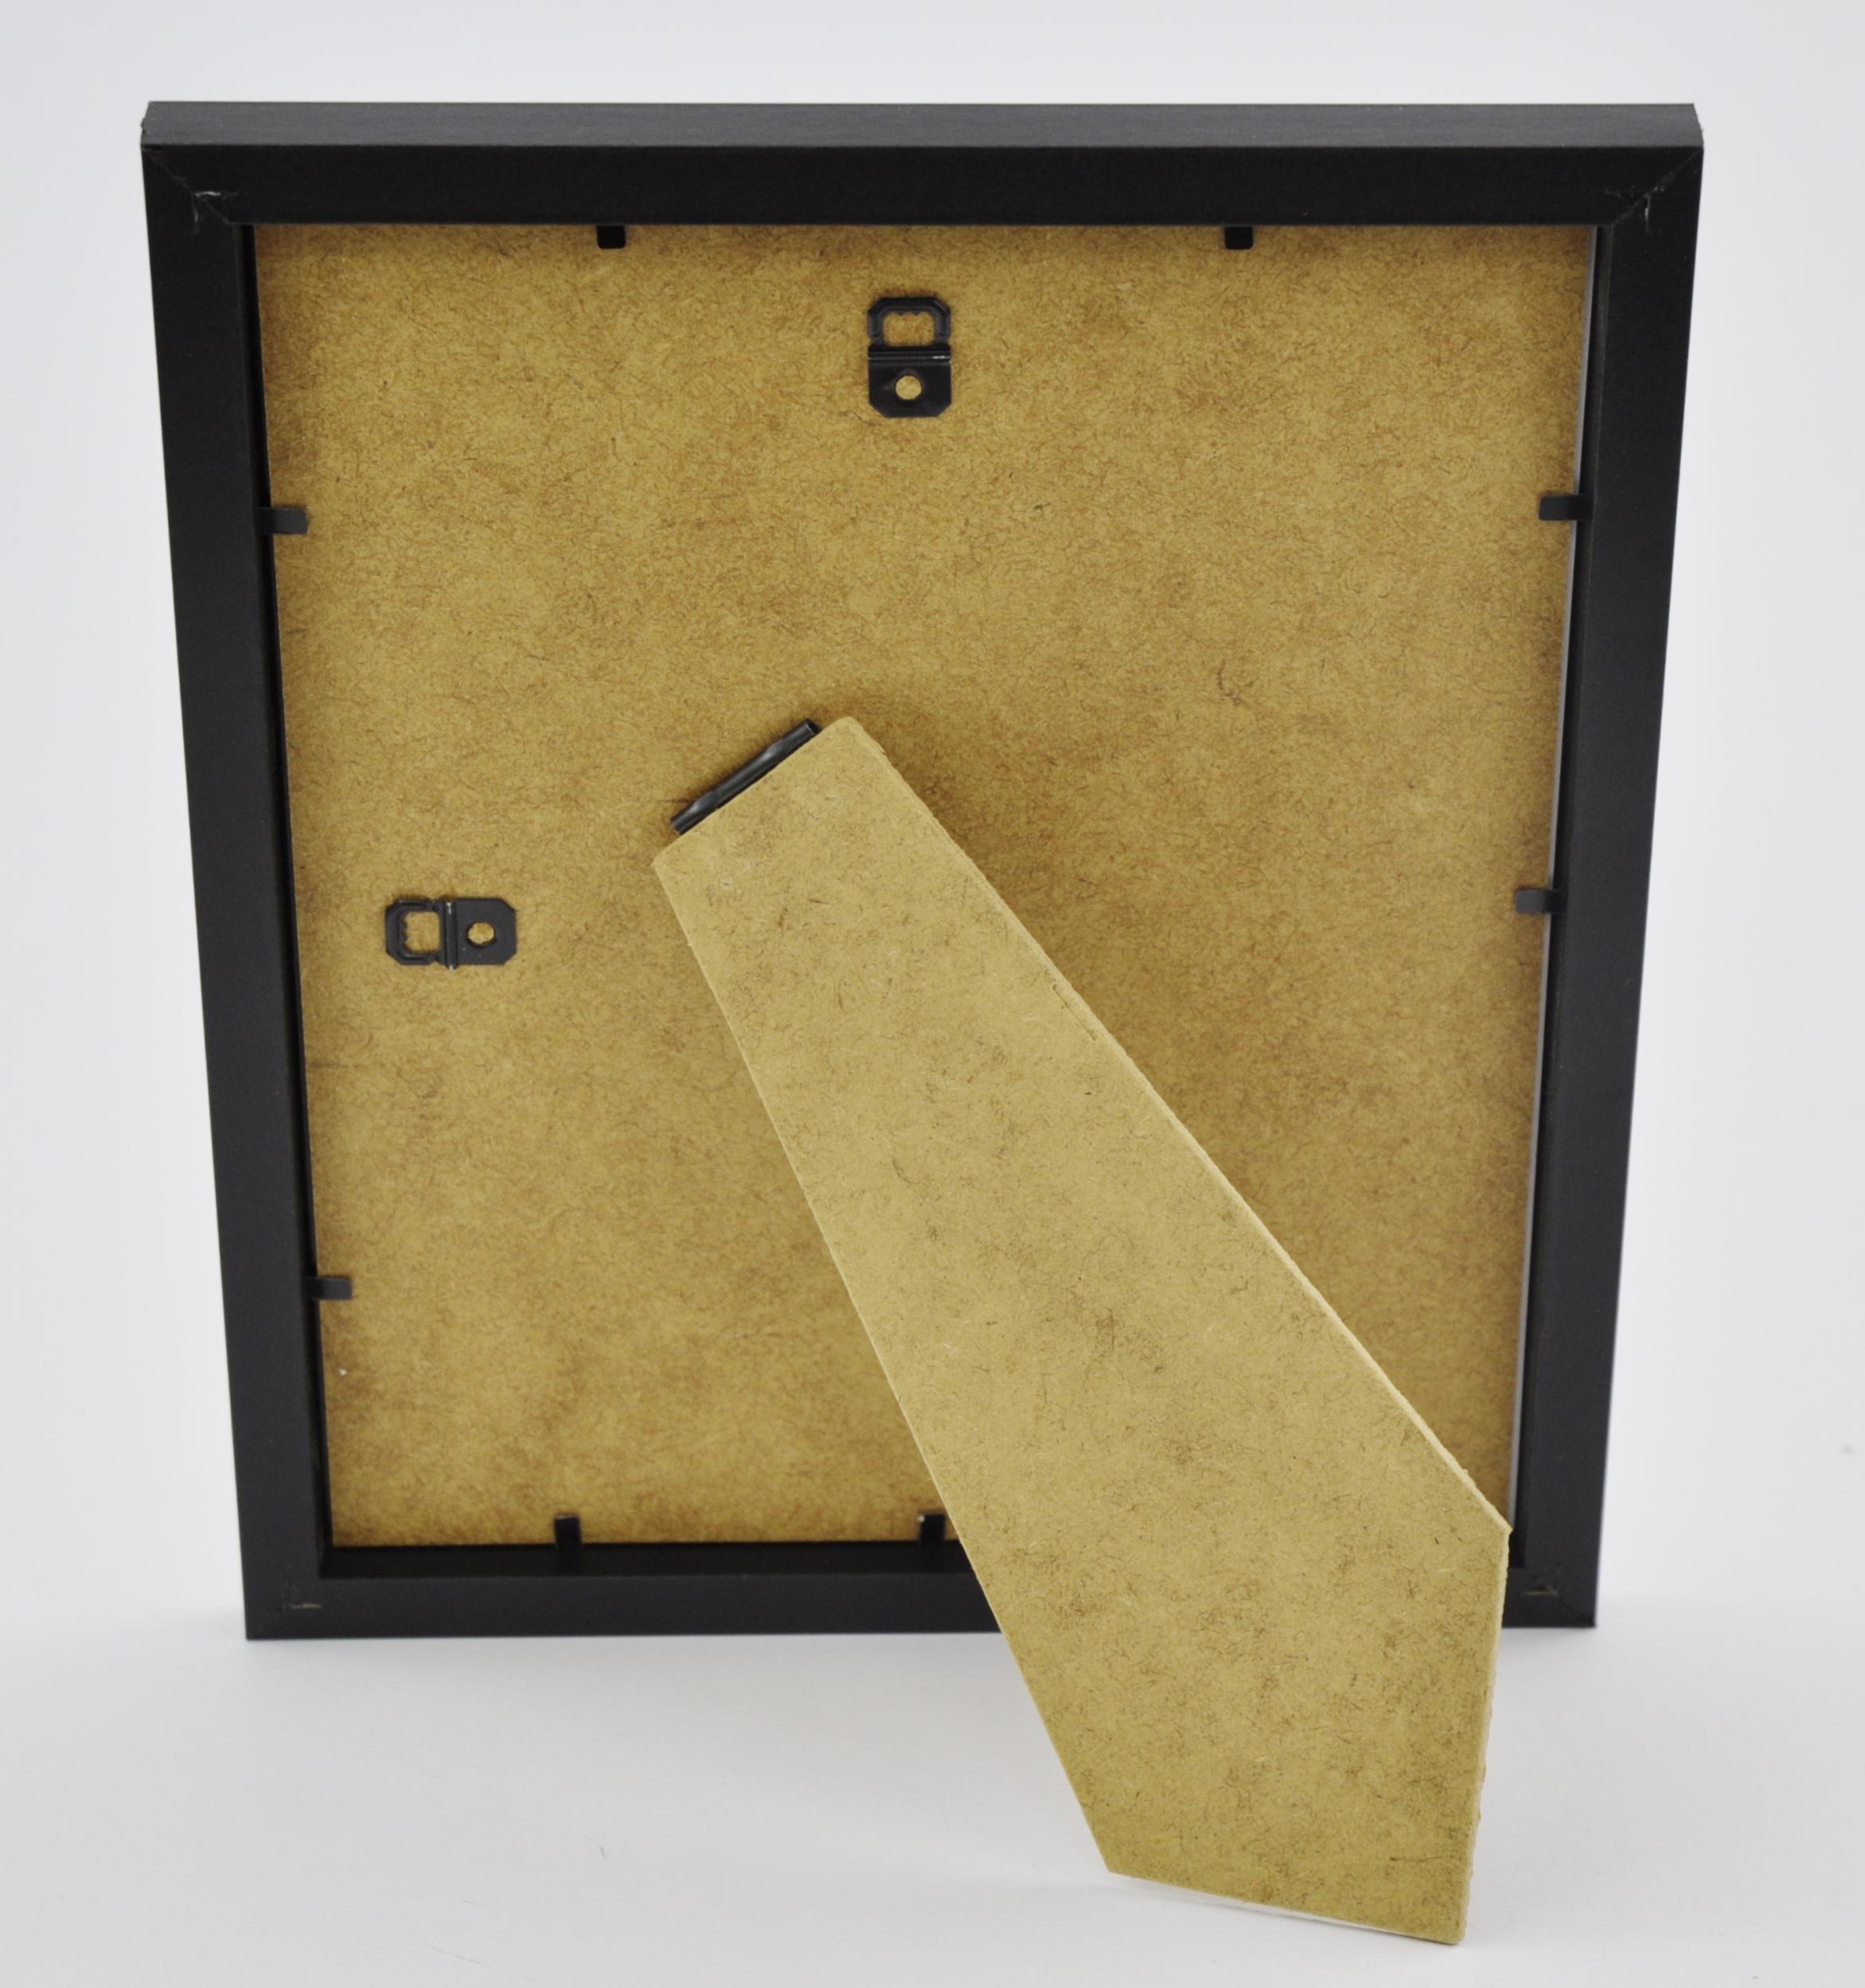 Basics Range A62 Matt Black Packs Of 10 Frames Trade